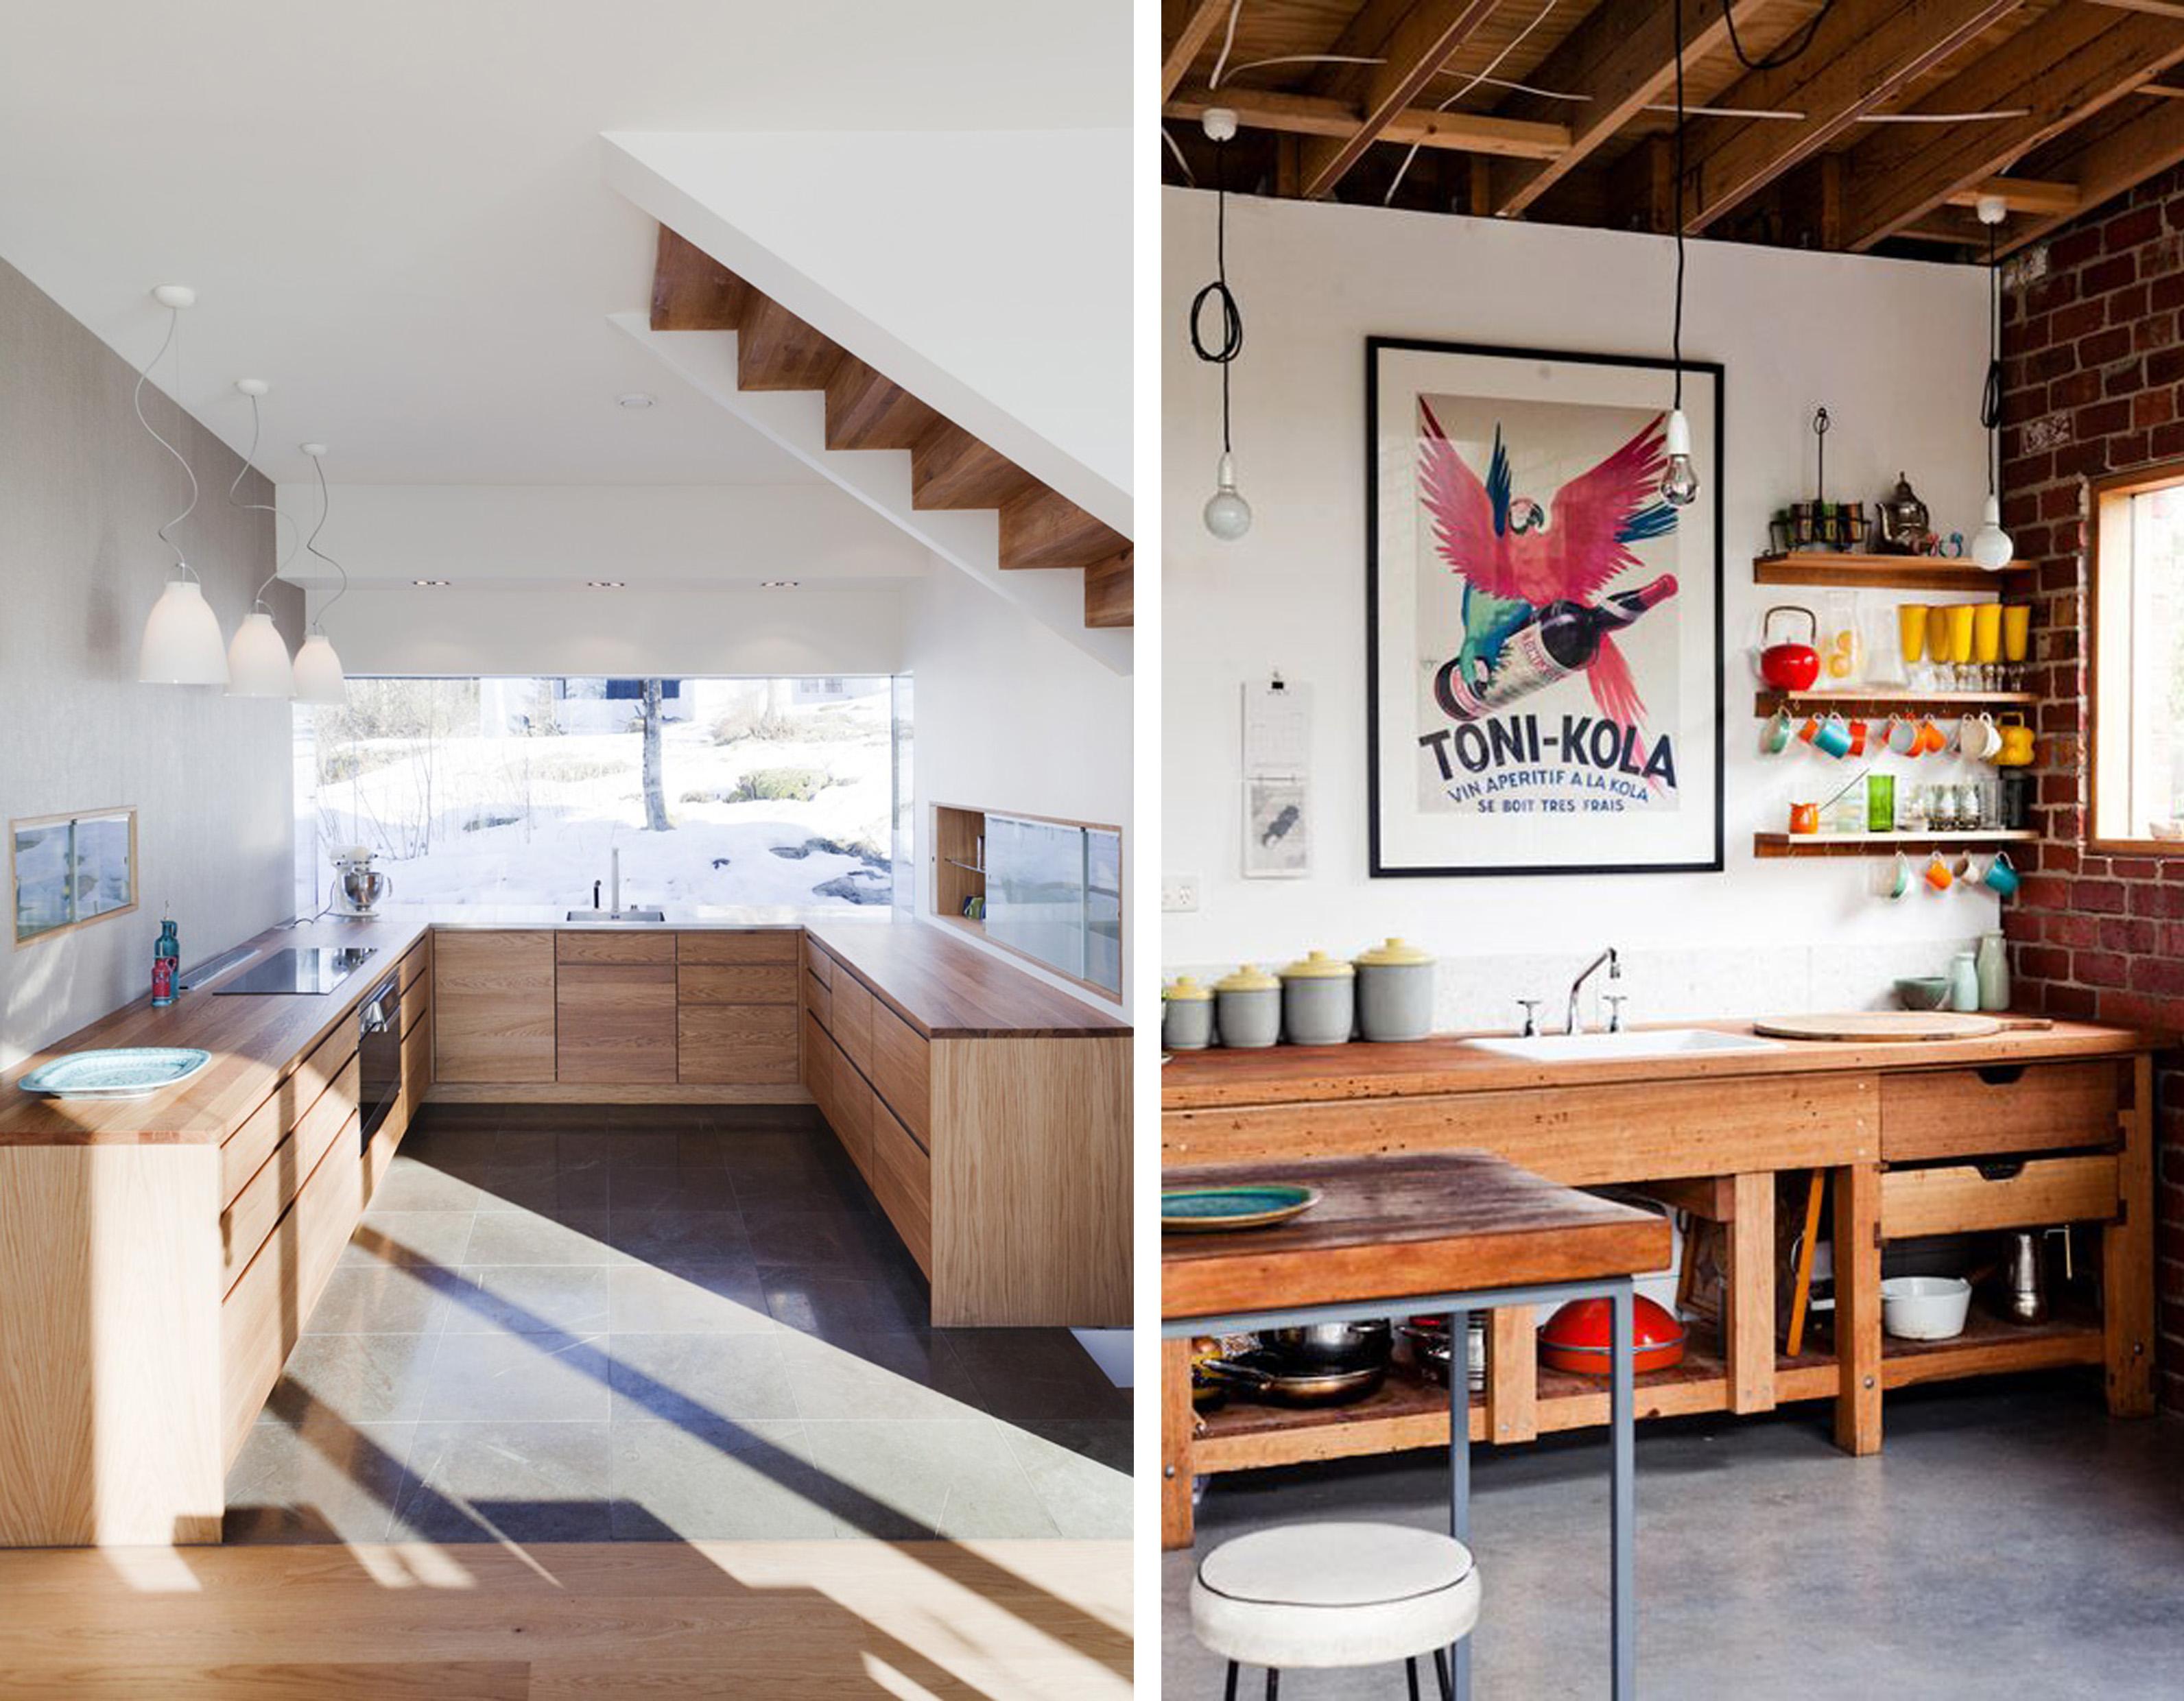 Encimera cocina madera encimera de cocina de madera - Encimeras cocina madera ...